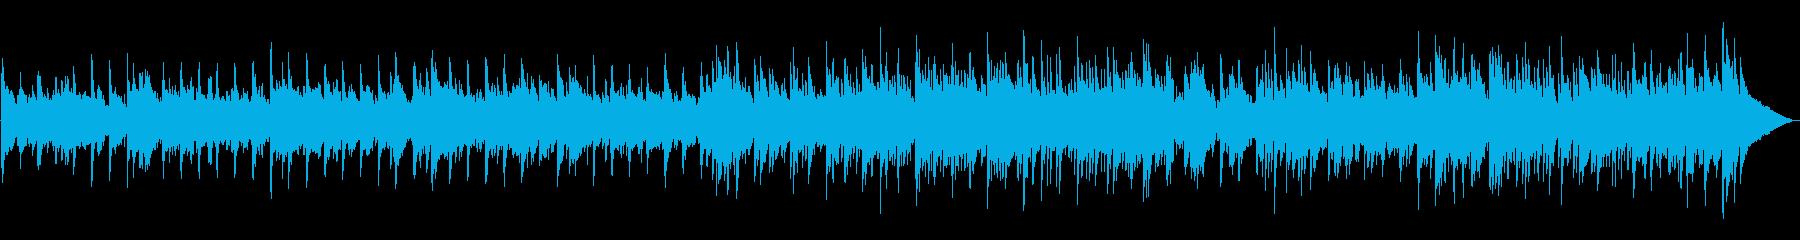 優しいカントリーポップ風ワルツの再生済みの波形